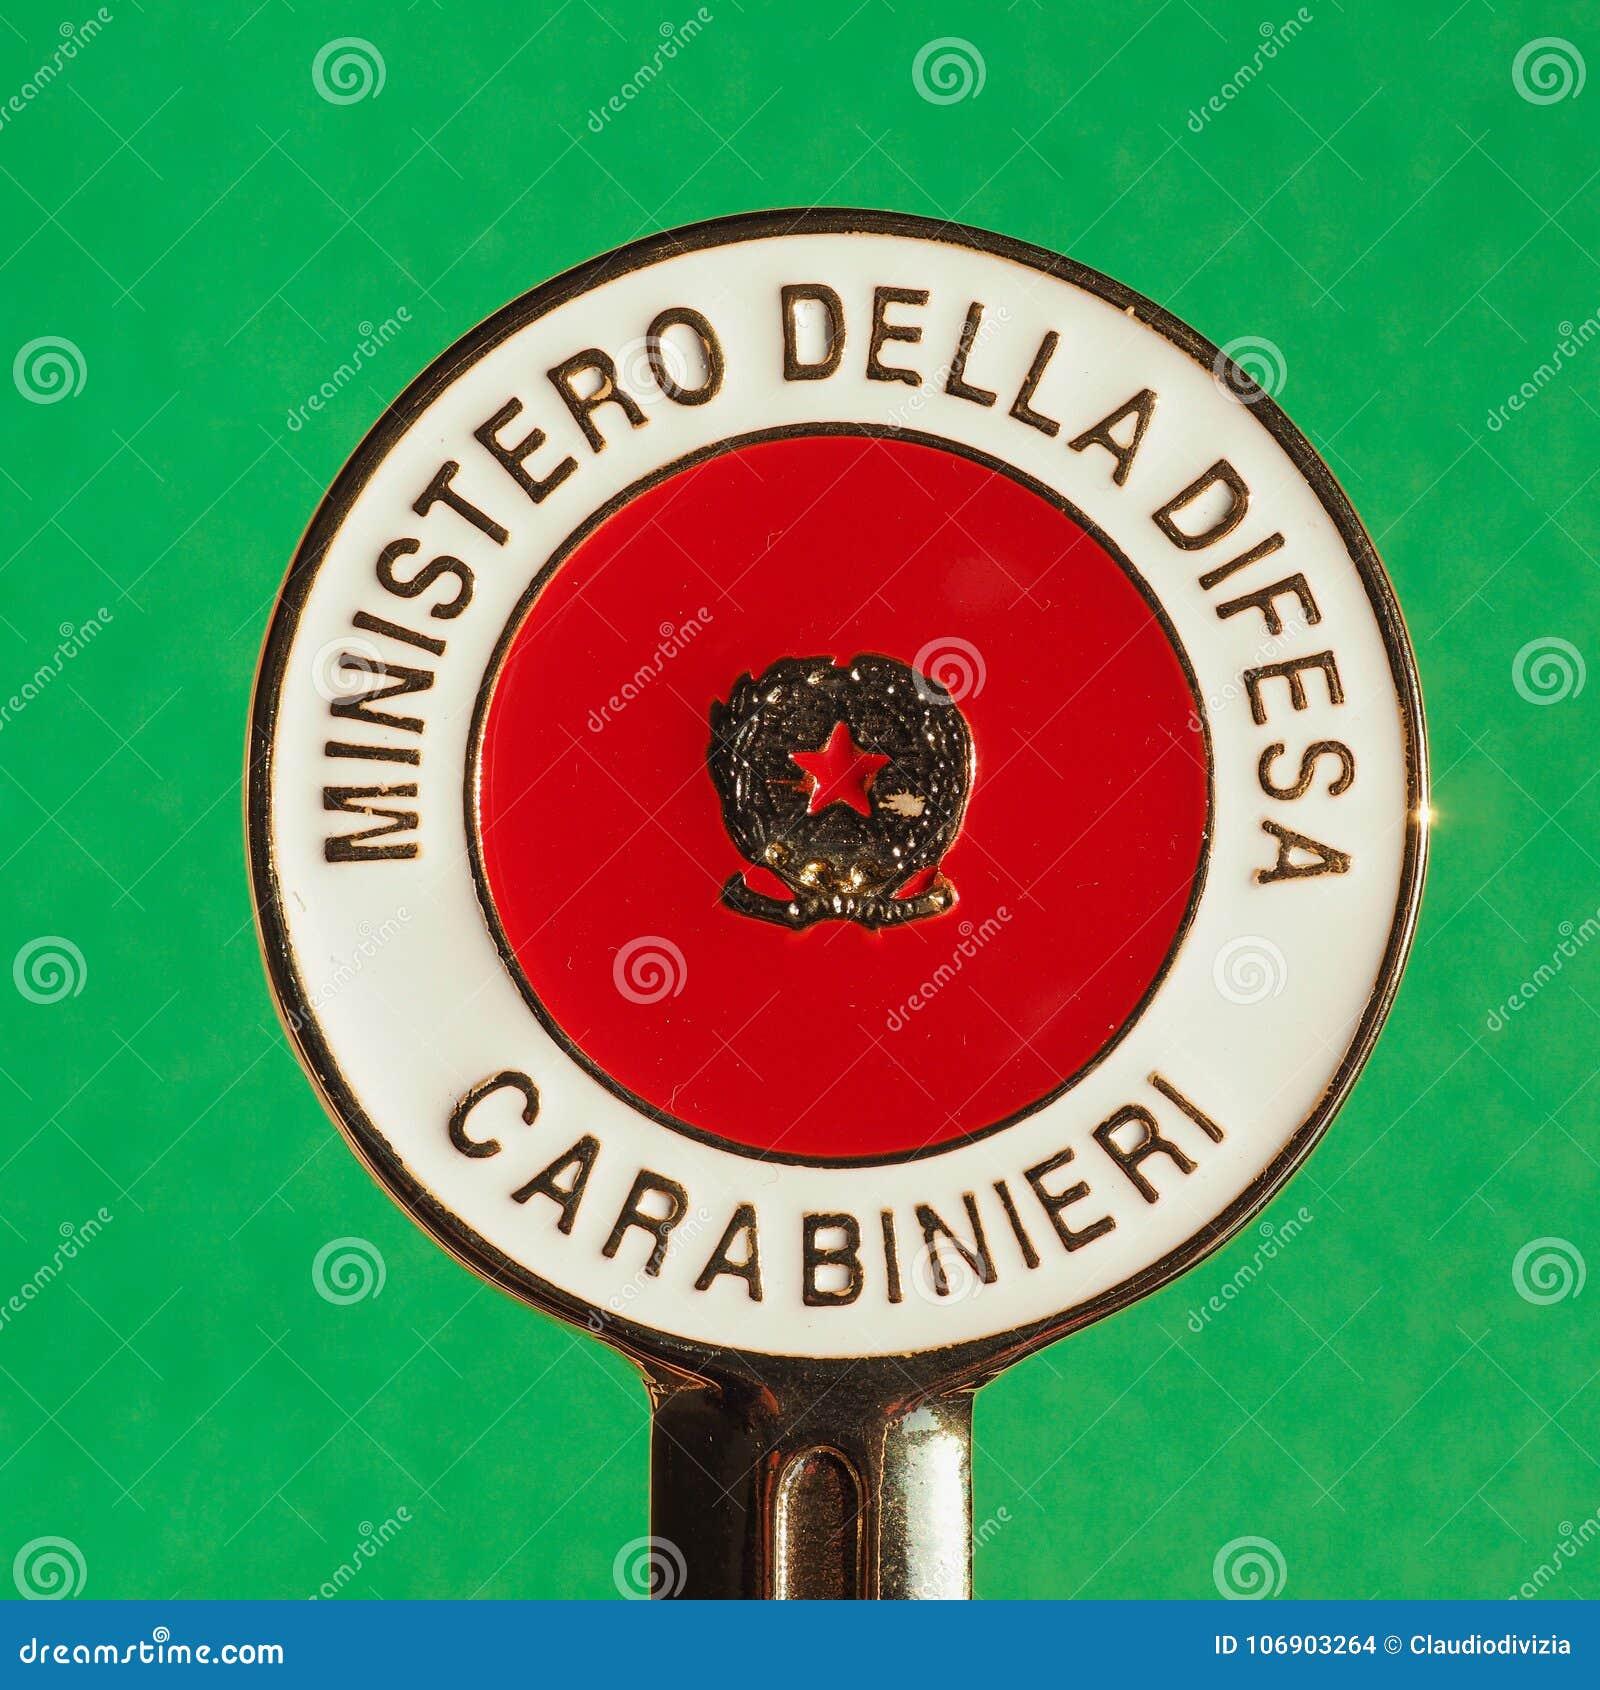 Carabinieri sygnalizacyjny dysk w Mediolan